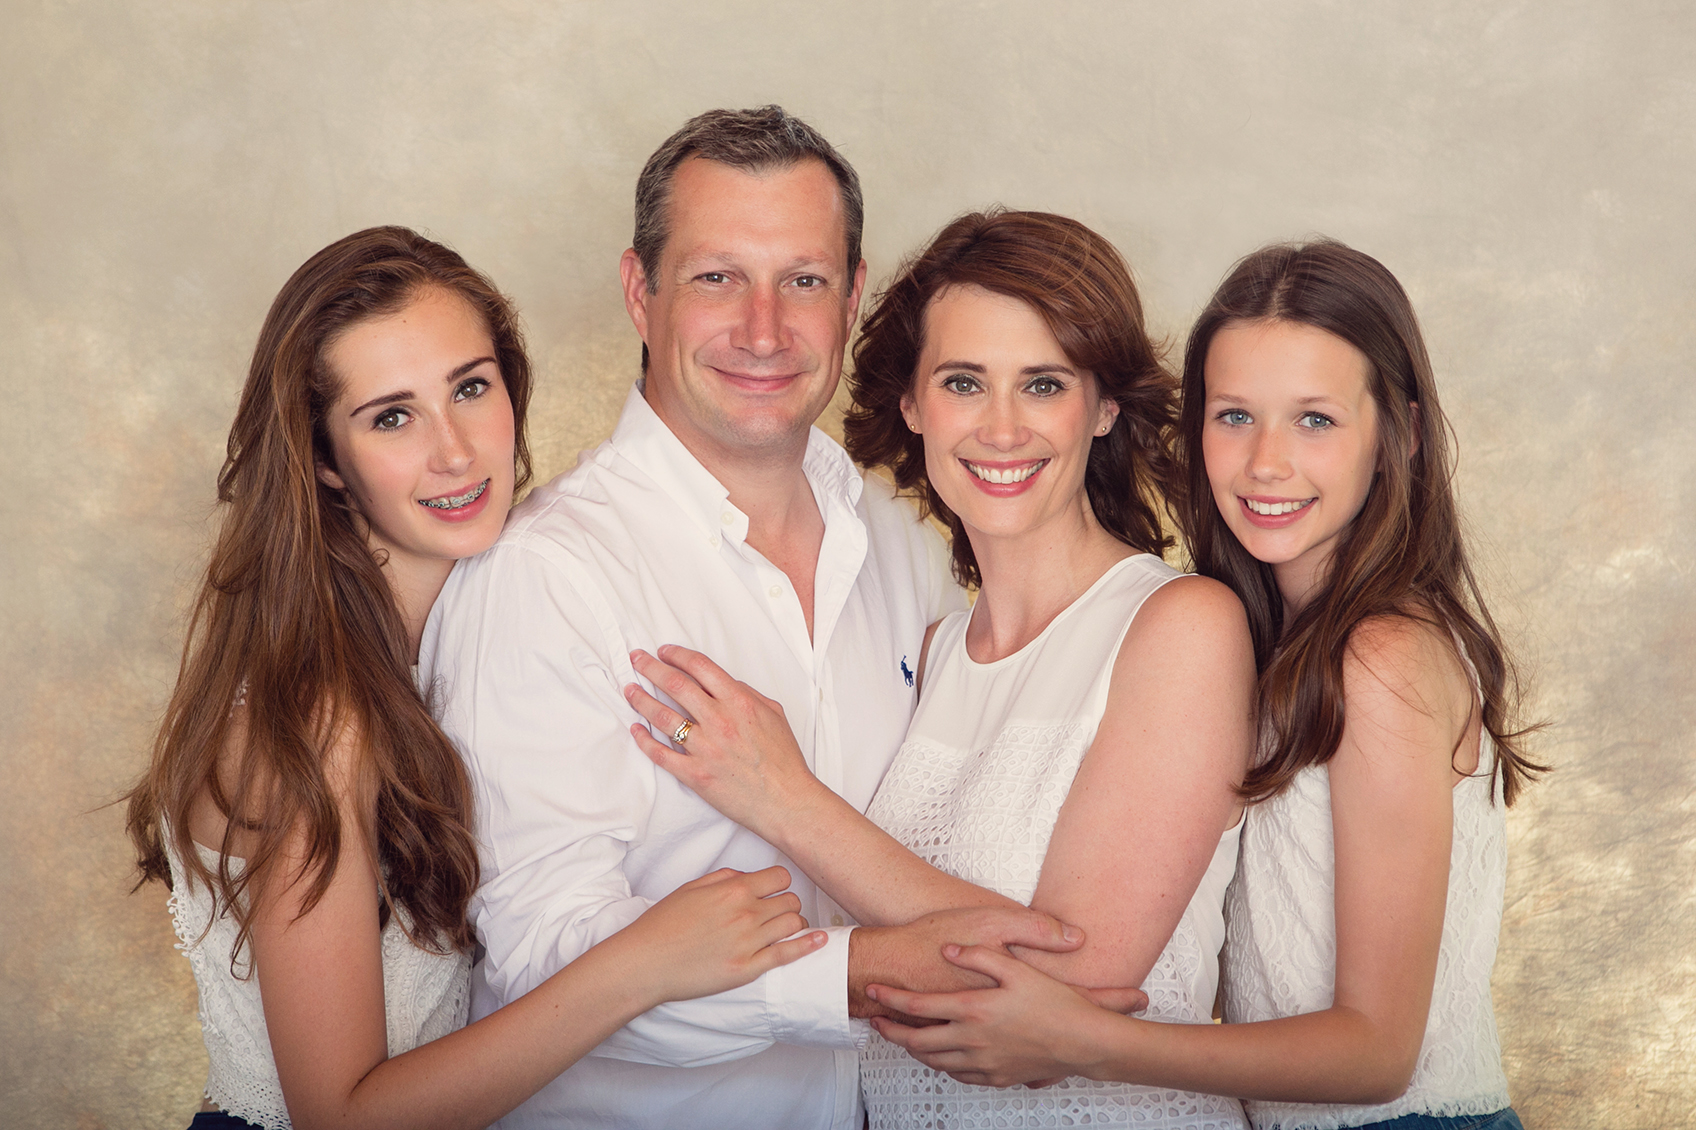 Family Photo shoots with Lenka Jones